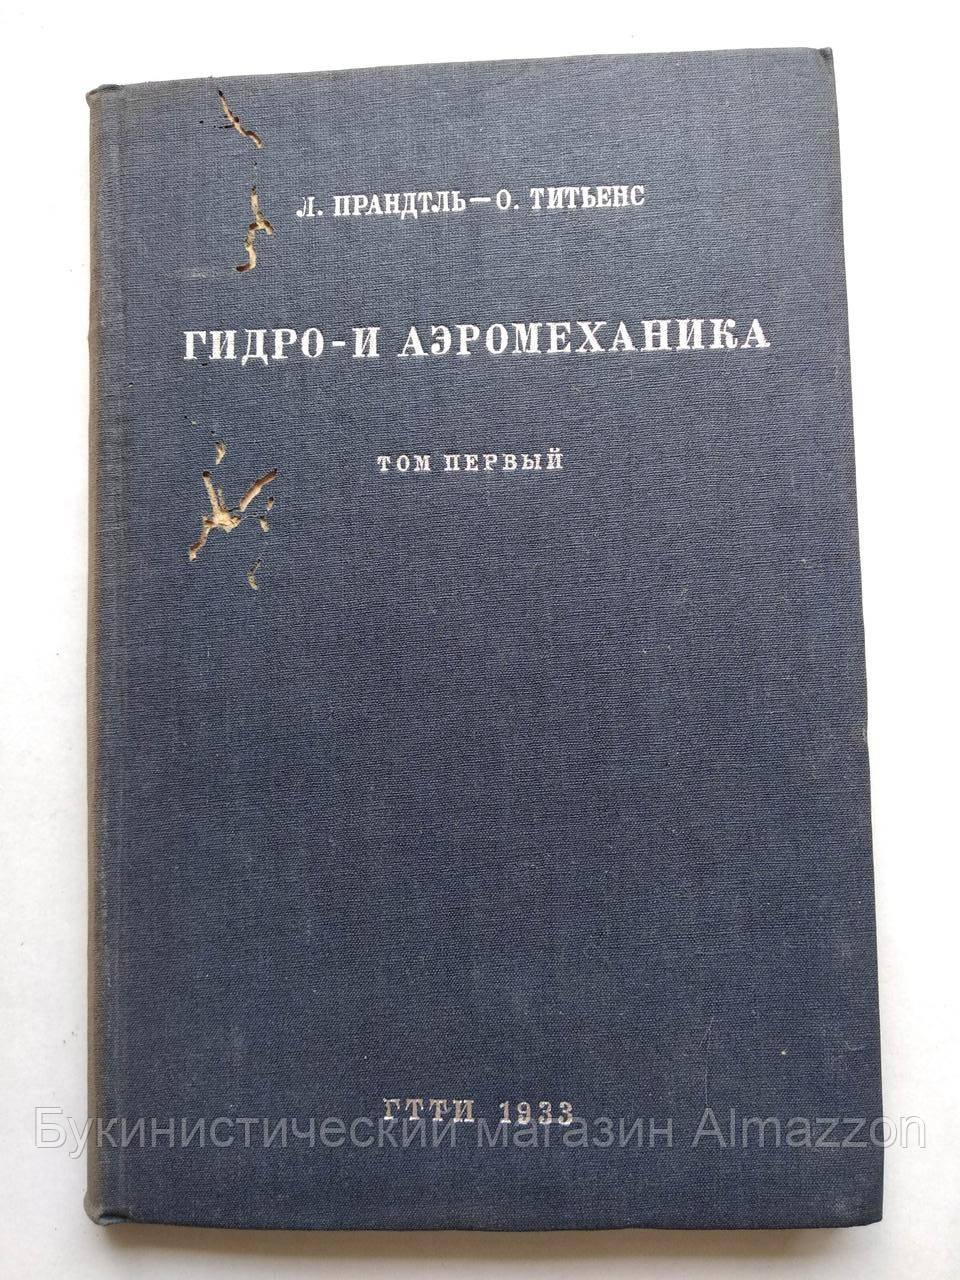 Гидро- и аэромеханика Том 1 О.Титьенс